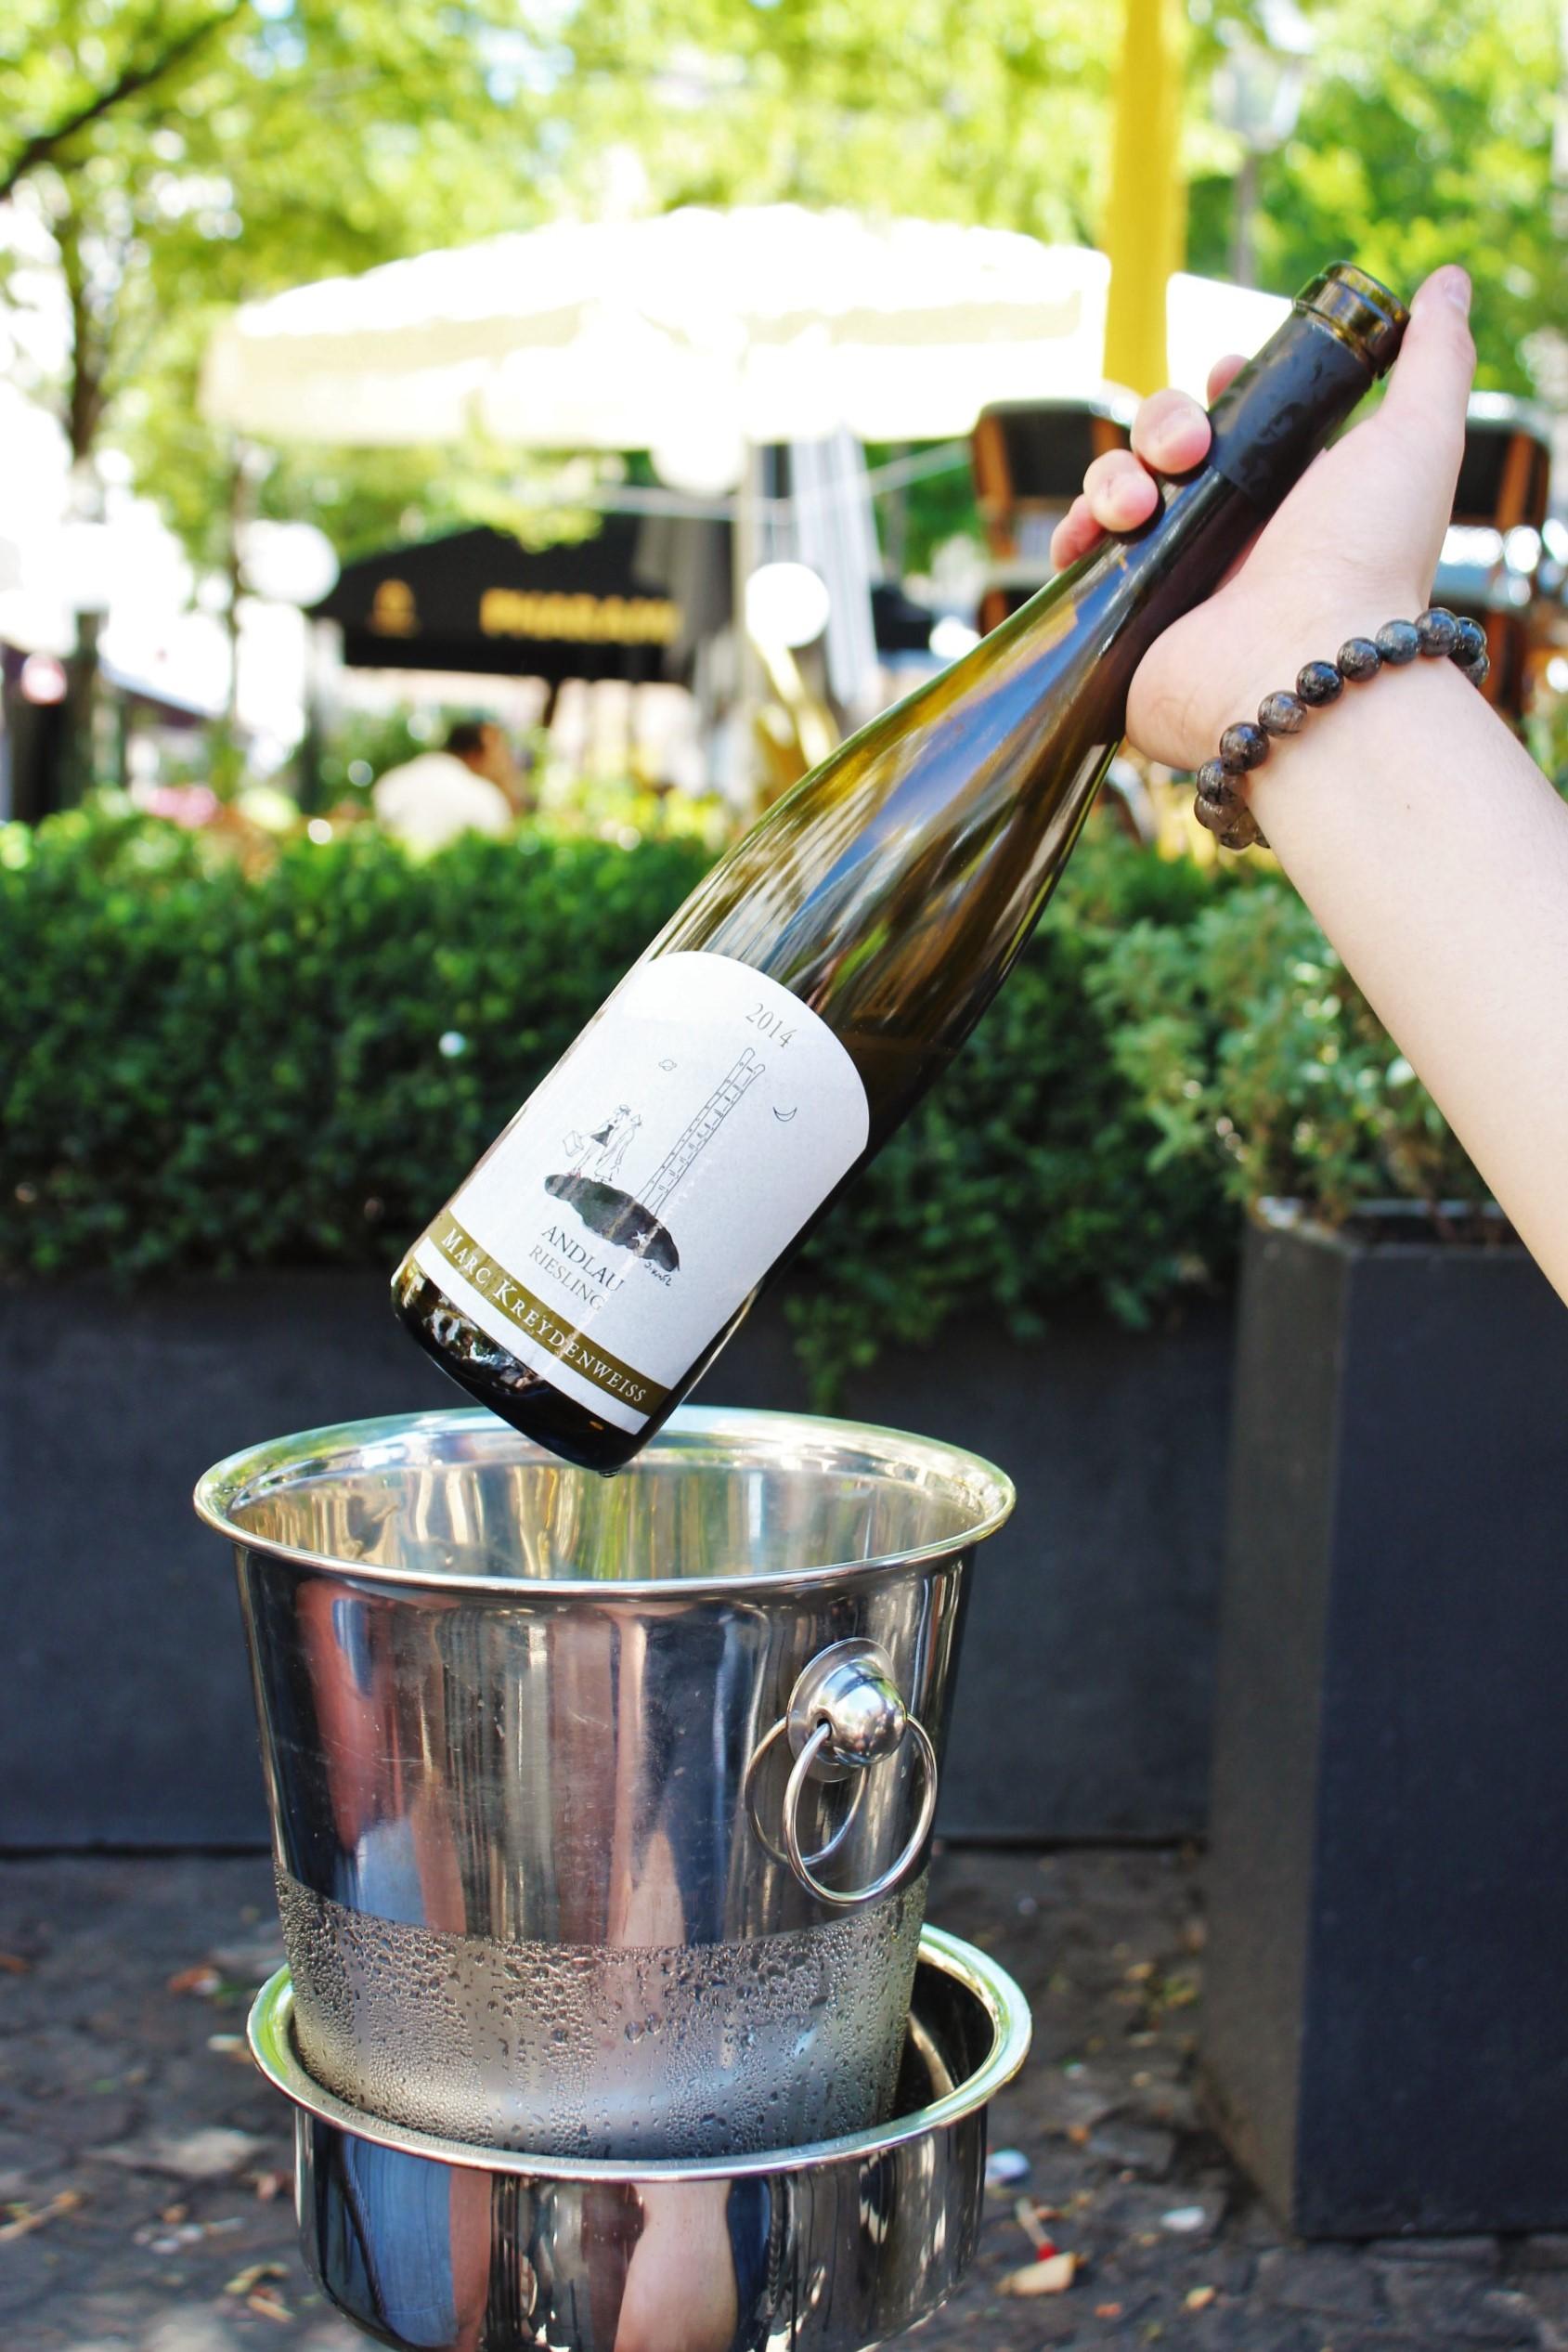 Wine: Andlau Riesling 2014, Marc Kreydenweiss